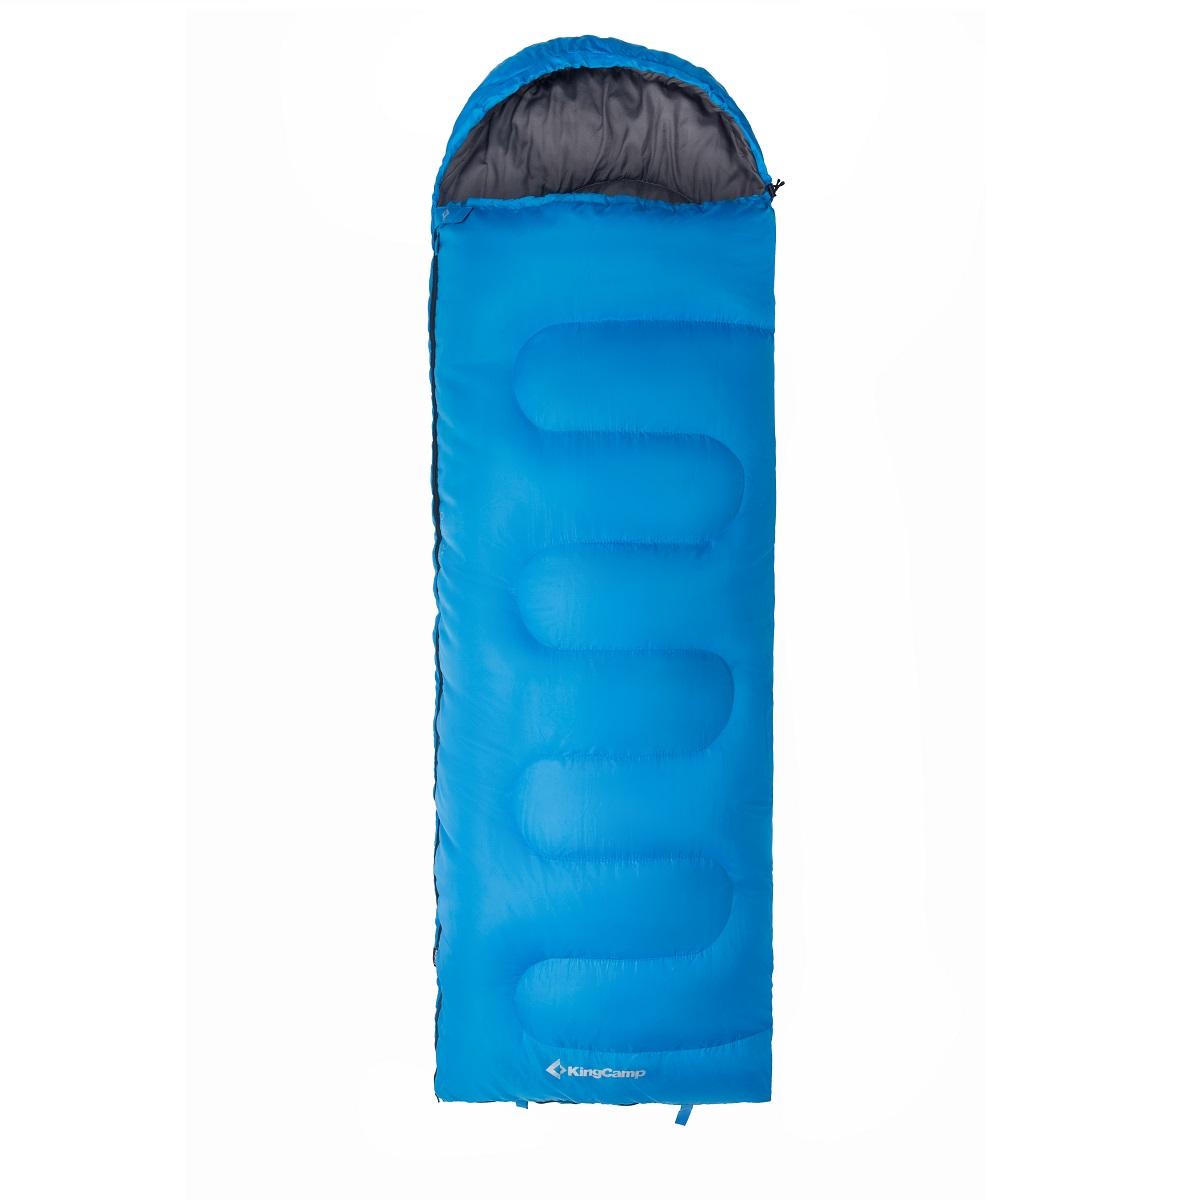 Spací pytel KING CAMP Oasis 250 modrý - levý zip